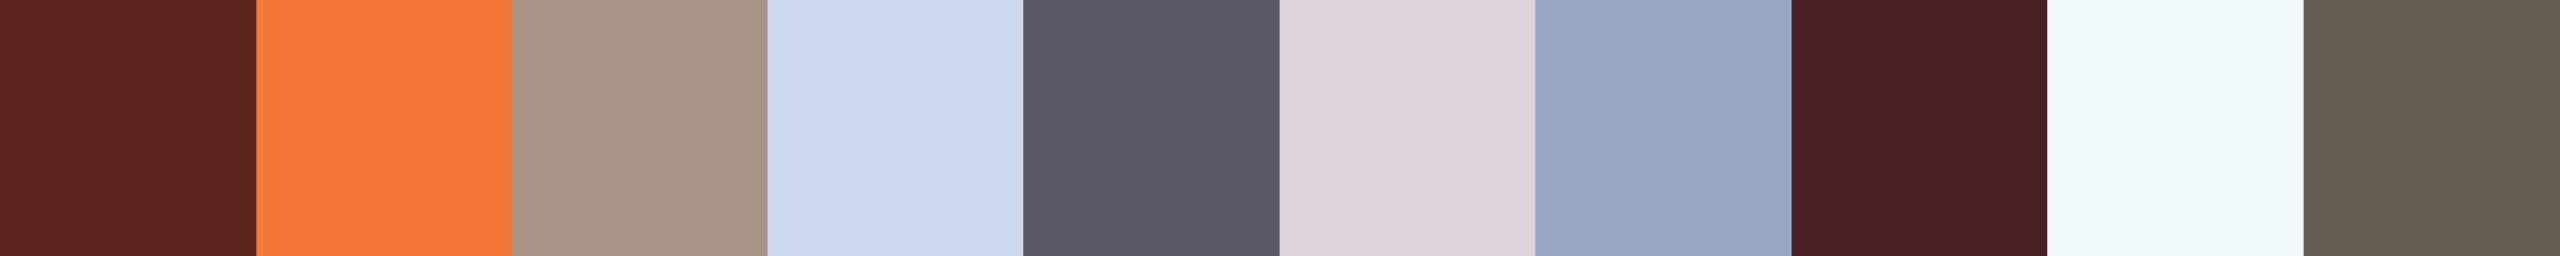 59 Slideria Color Palette